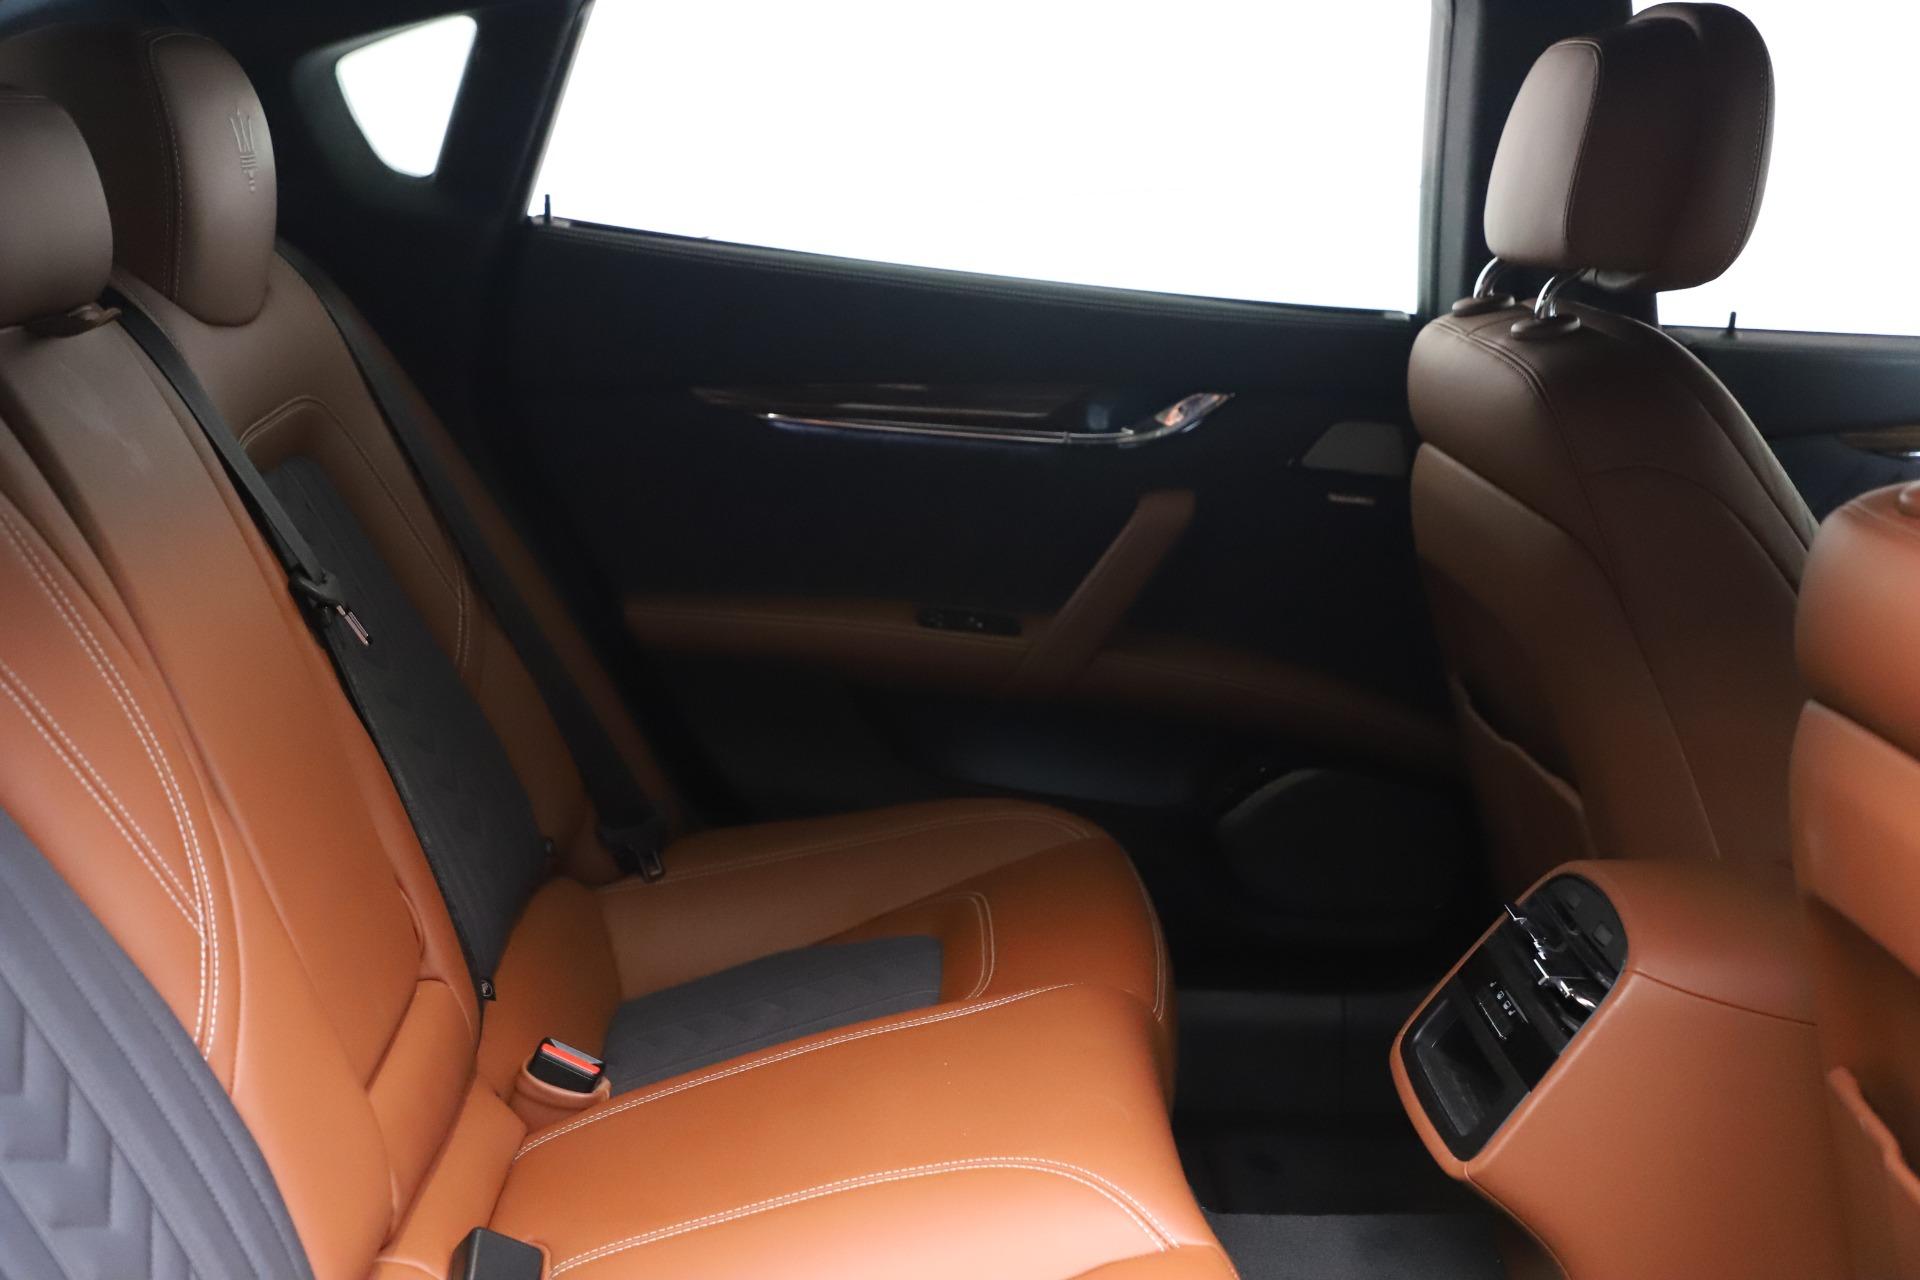 New 2017 Maserati Quattroporte SQ4 GranLusso/ Zegna For Sale 0 In Greenwich, CT